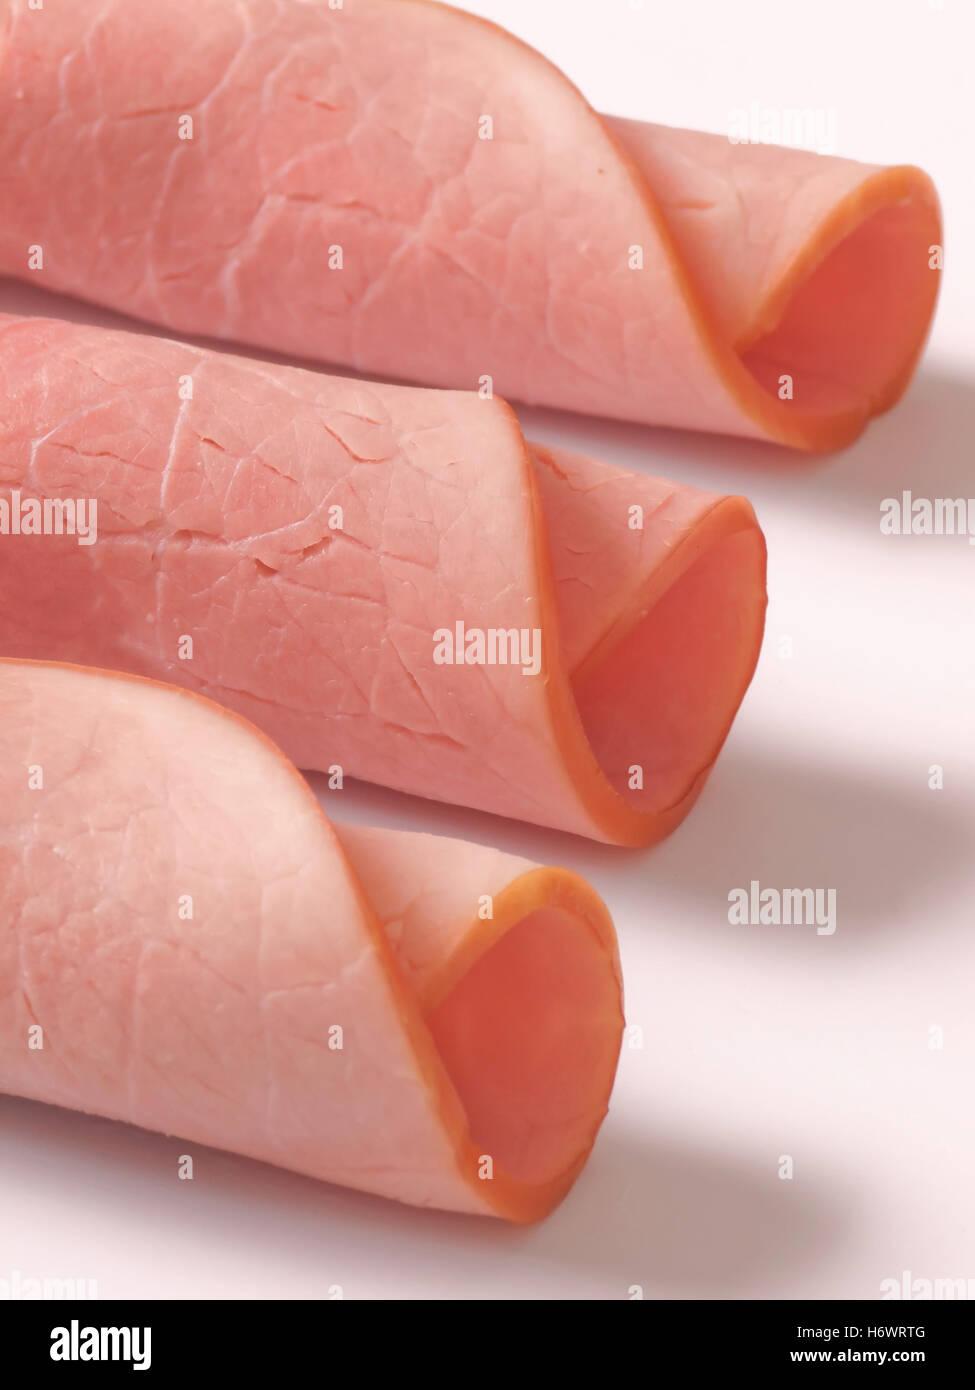 Salz Schinken gebacken dicken breiten fetten Fleischeiweiß Schweinefleisch Honig essen Nahrungsmittel Salz Stockbild